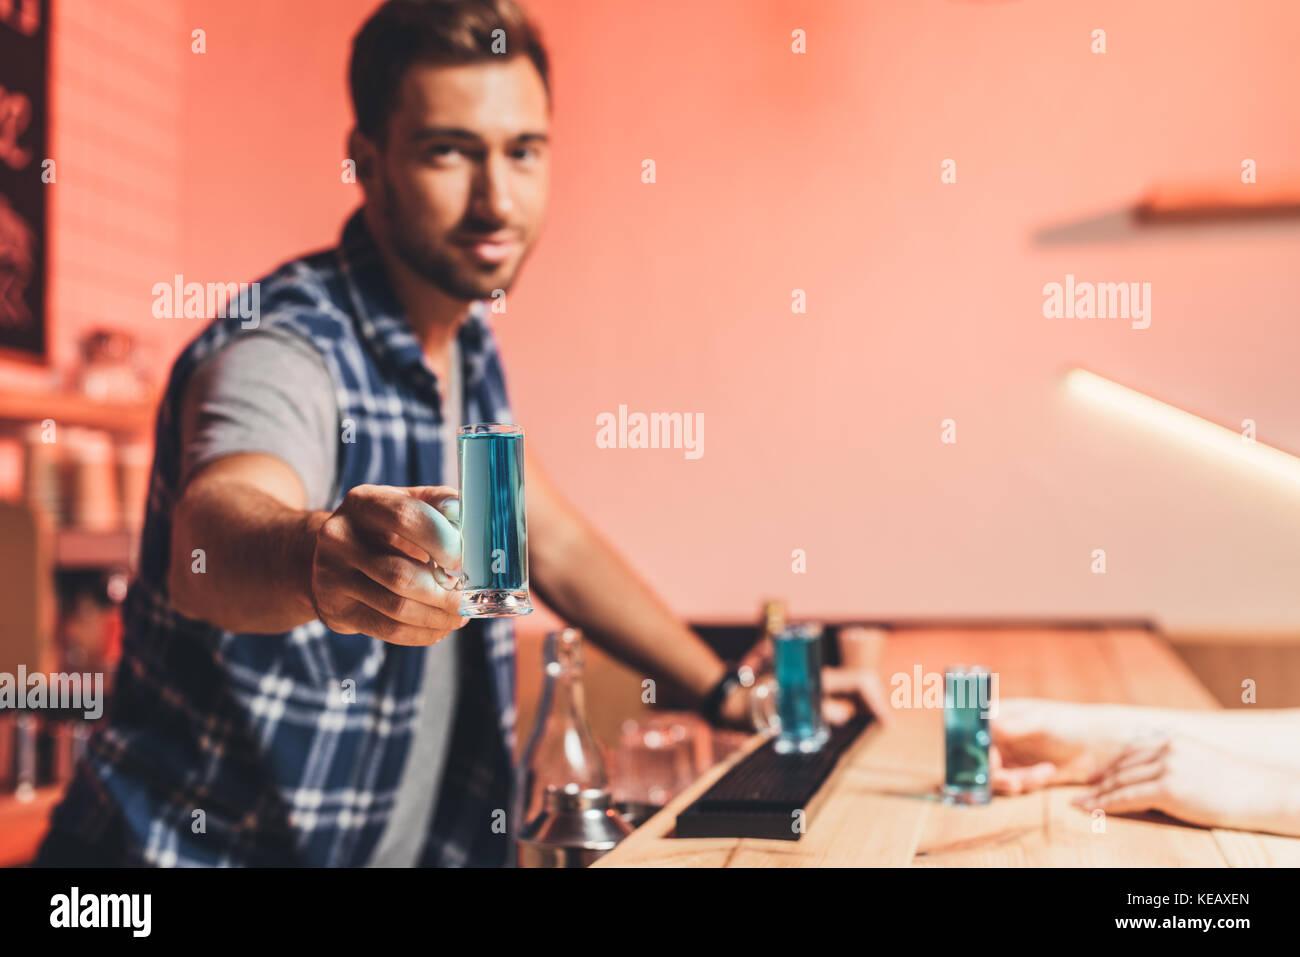 barman holding alcohol shot - Stock Image